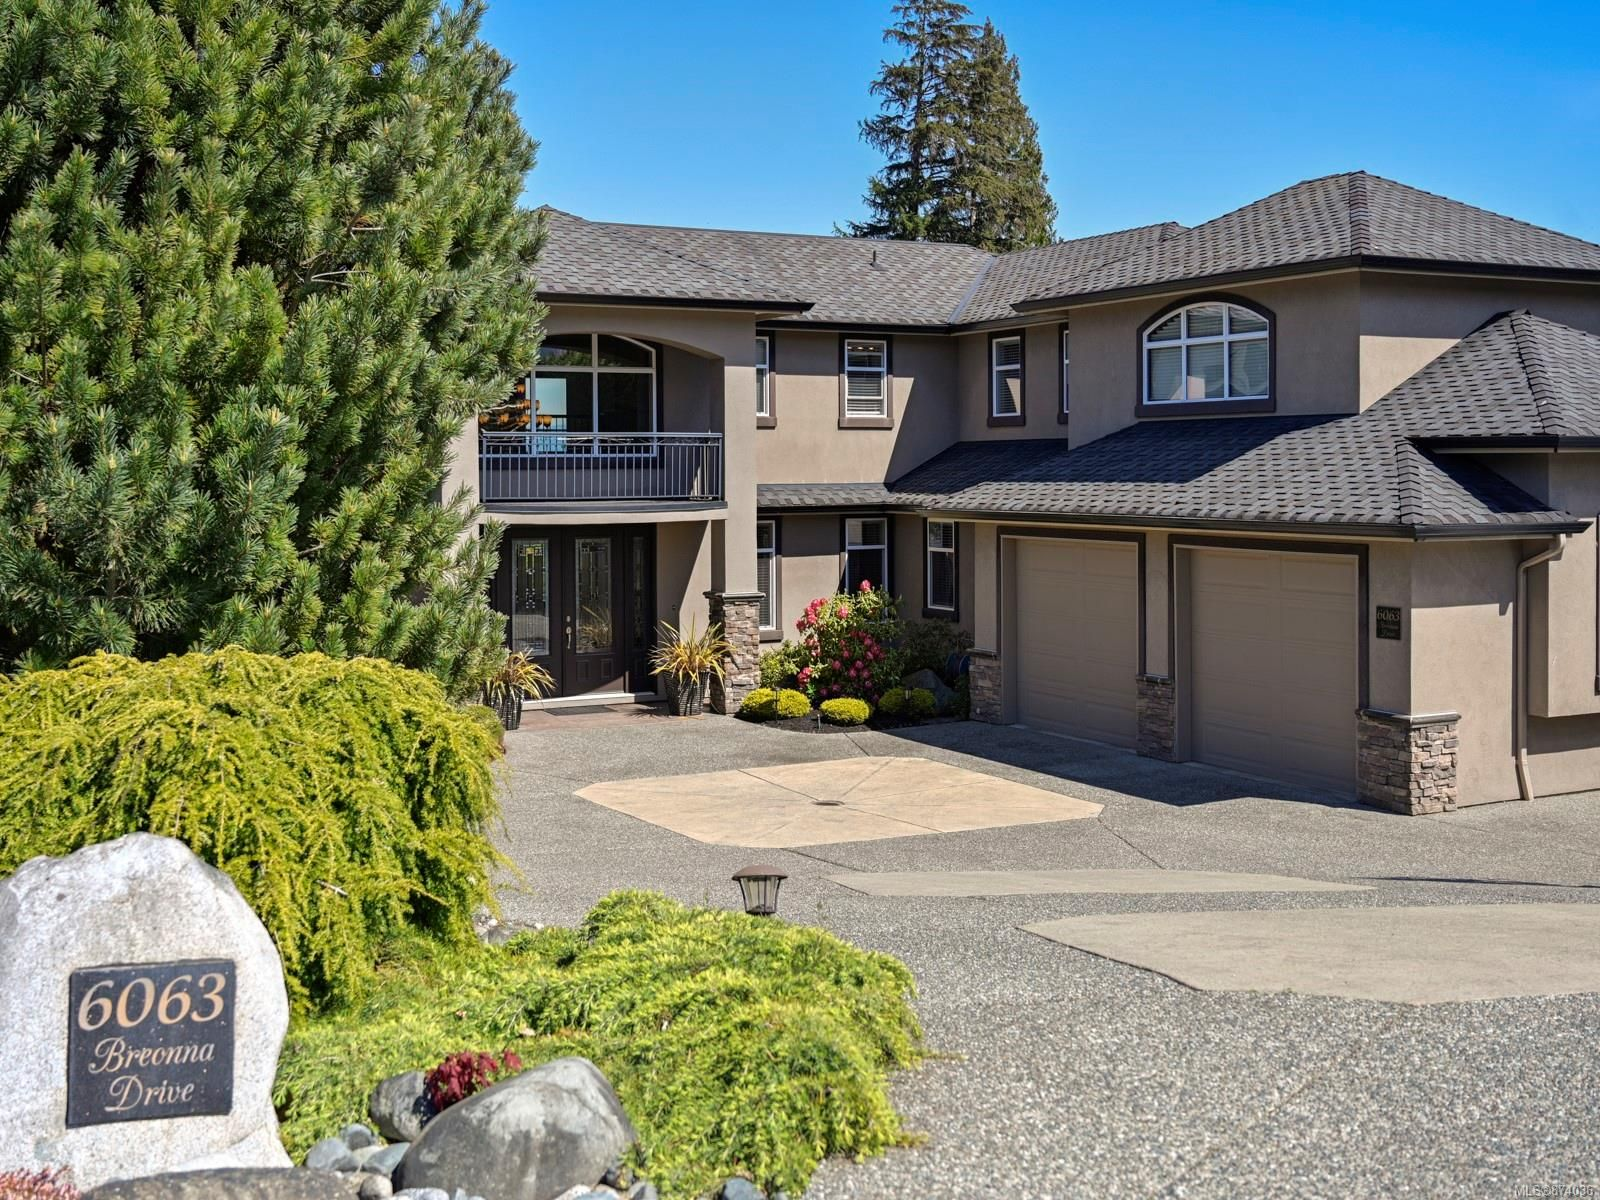 Main Photo: 6063 Breonna Dr in : Na North Nanaimo House for sale (Nanaimo)  : MLS®# 874036